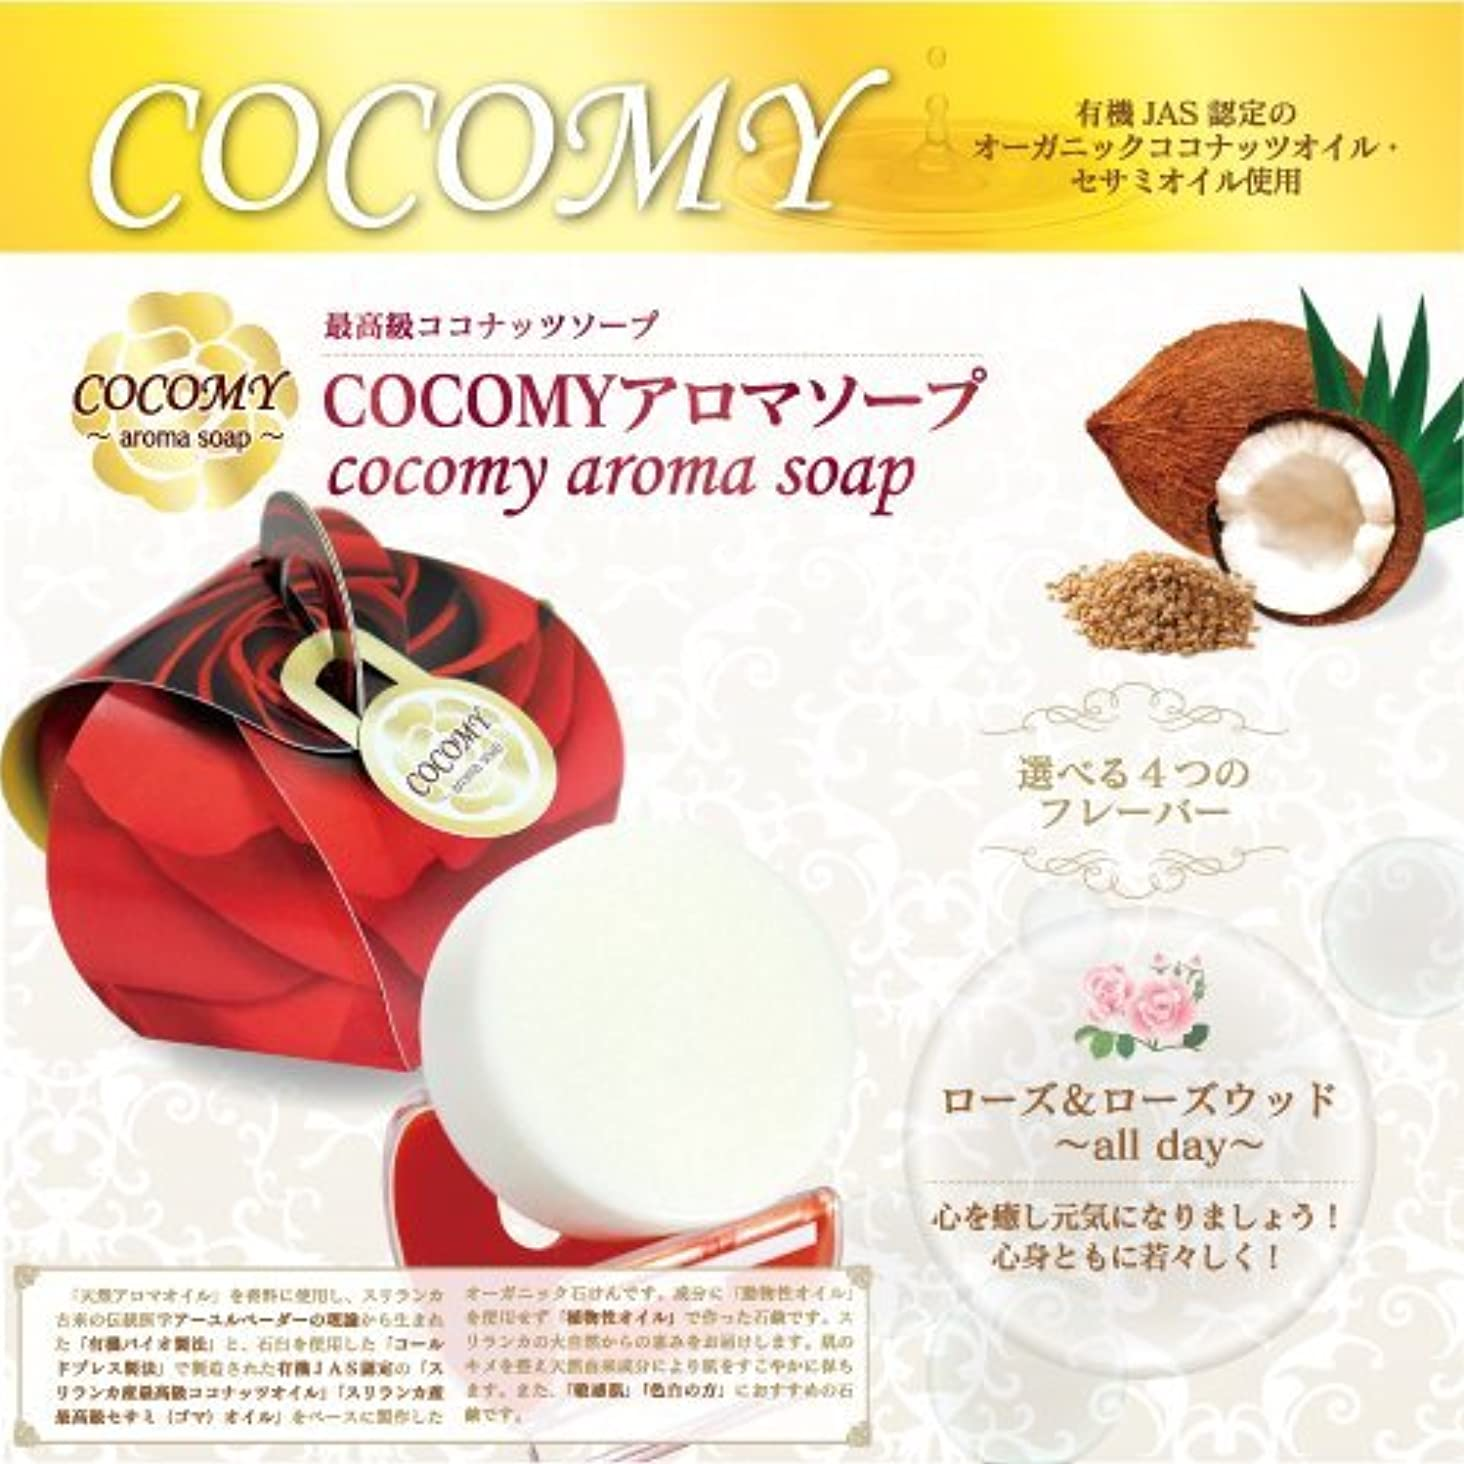 マウントゲートラベンダーCOCOMY aromaソープ 2個セット (ローズ&ローズウッド) 40g×2